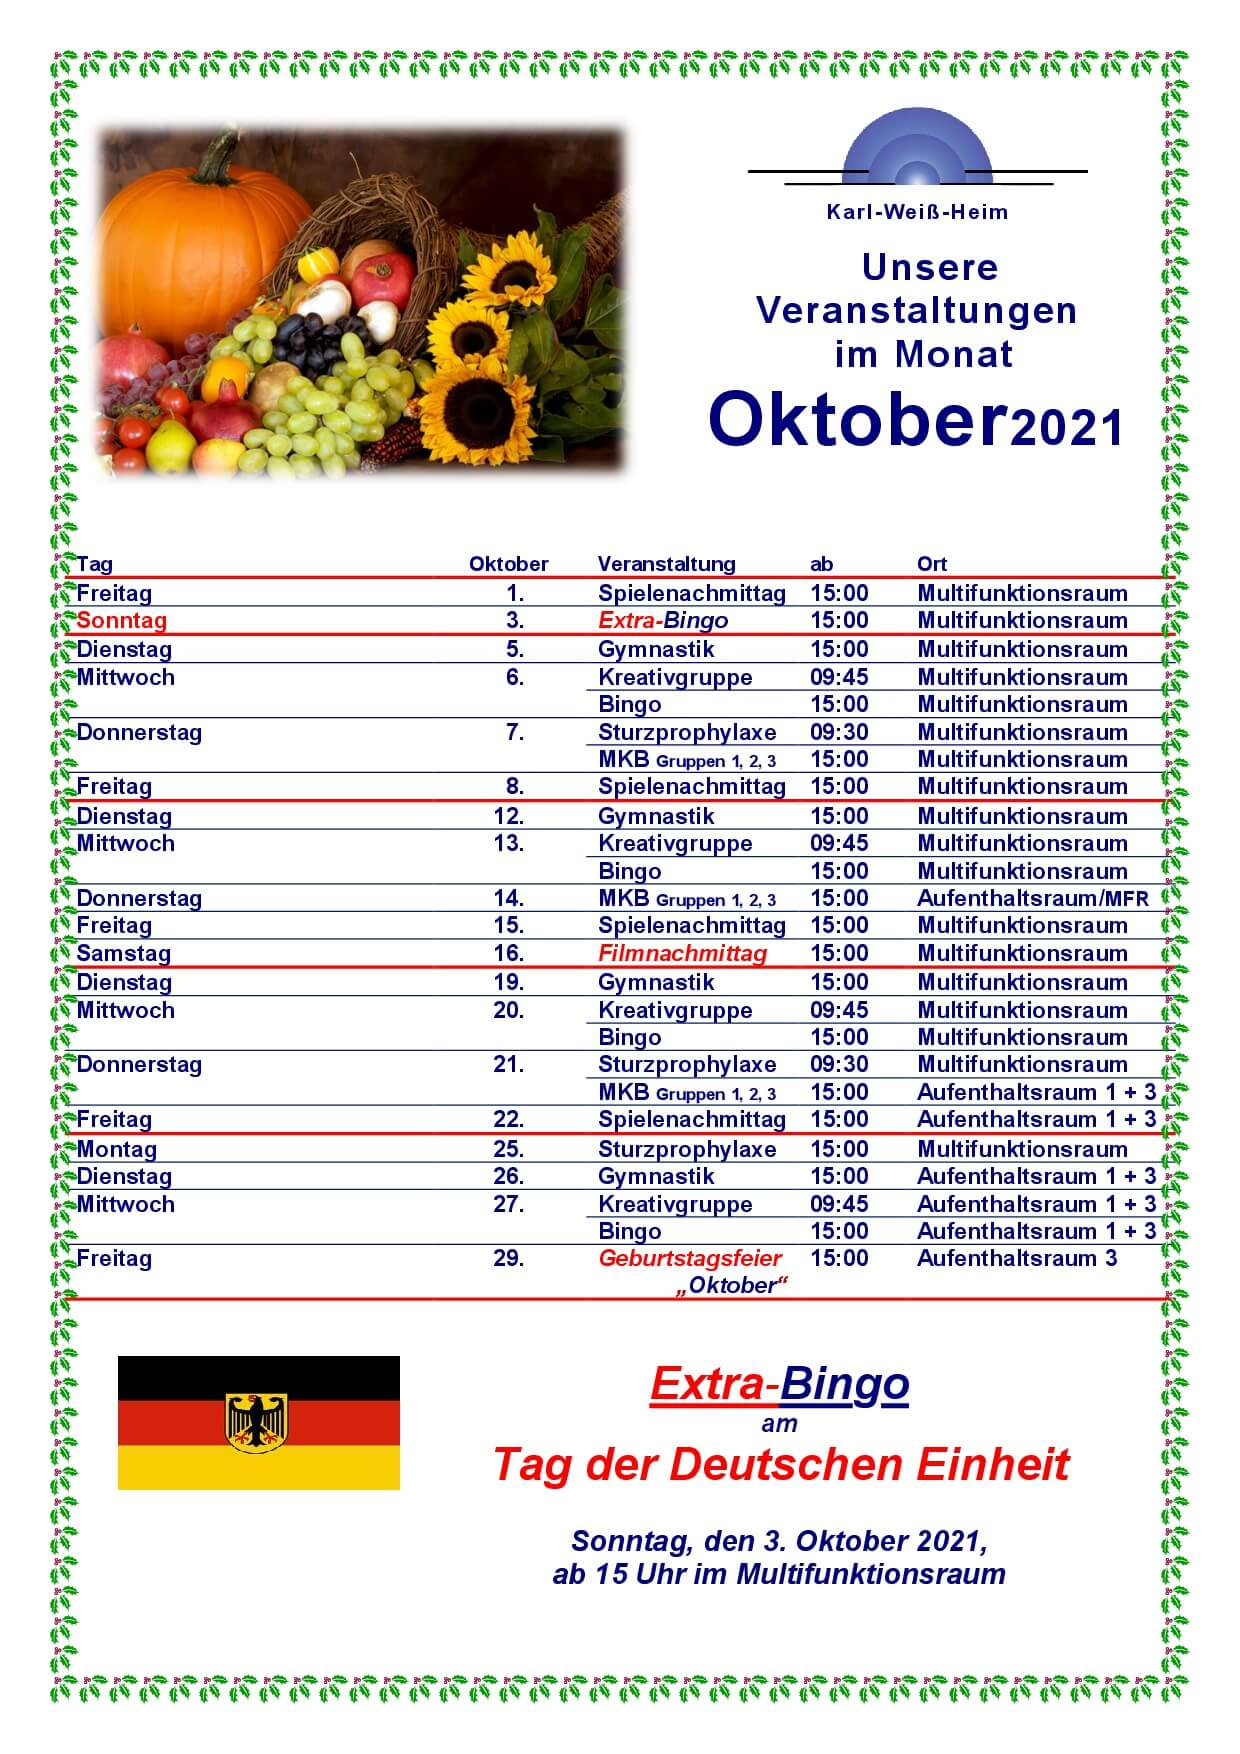 Karl-Weiß-Heim Veranstaltungen Oktober